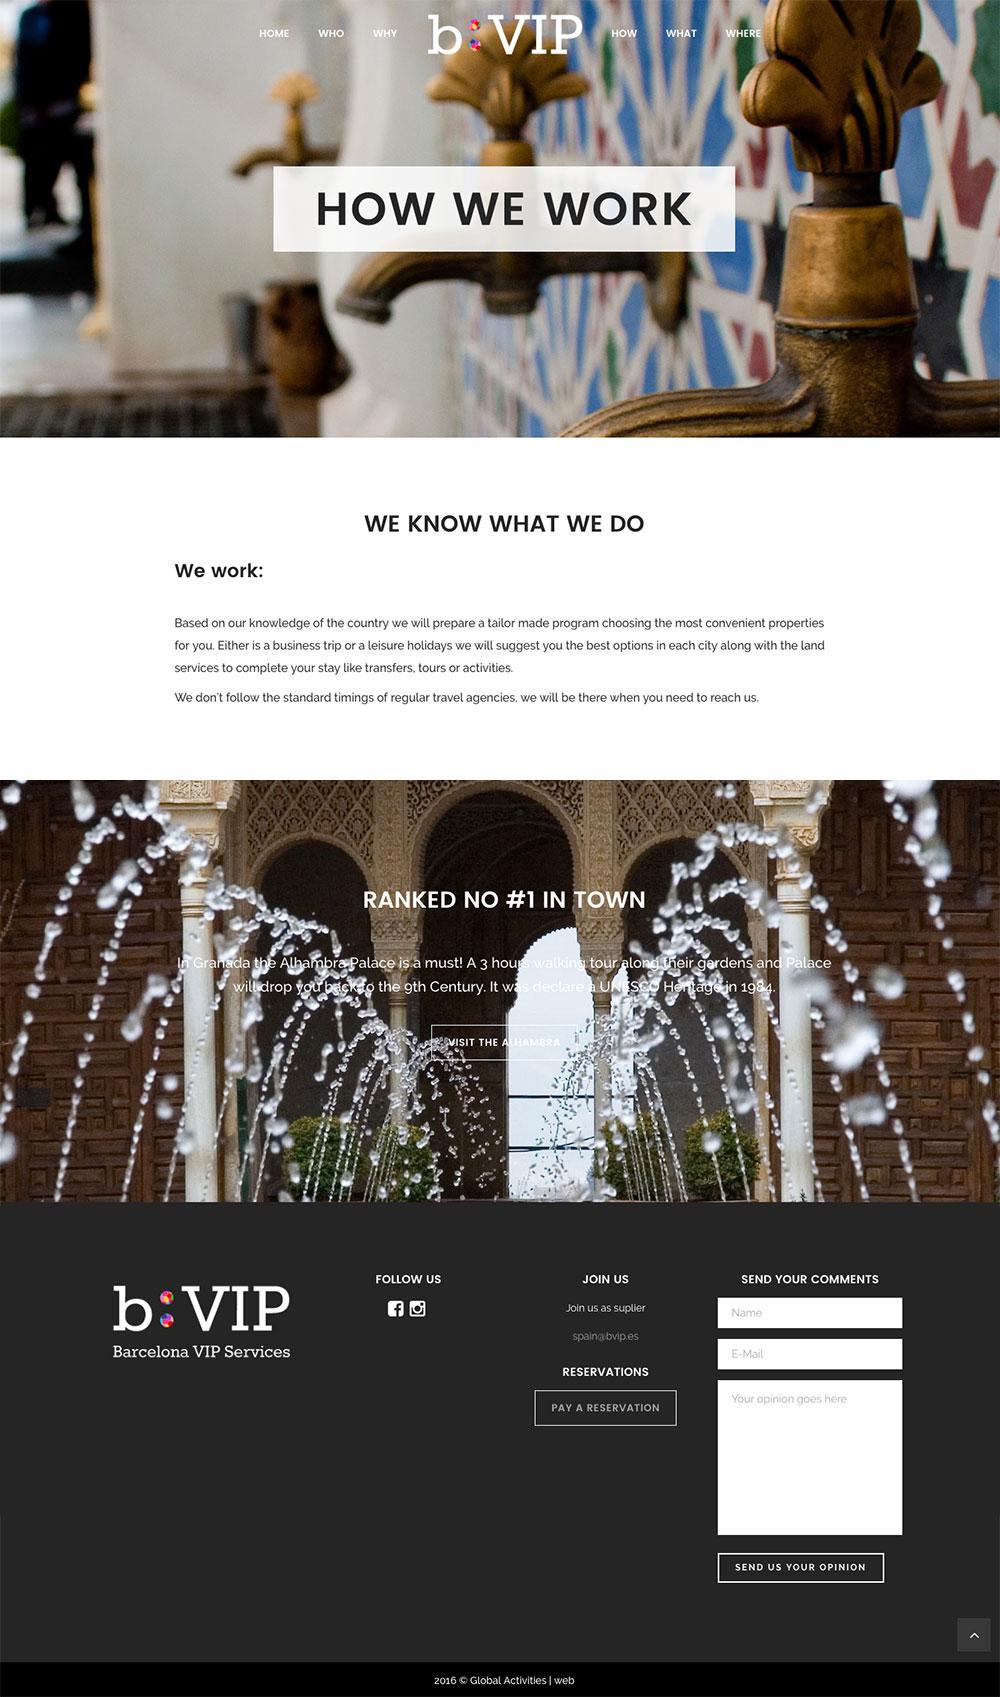 b:VIP - Agencia de viajes - Página web